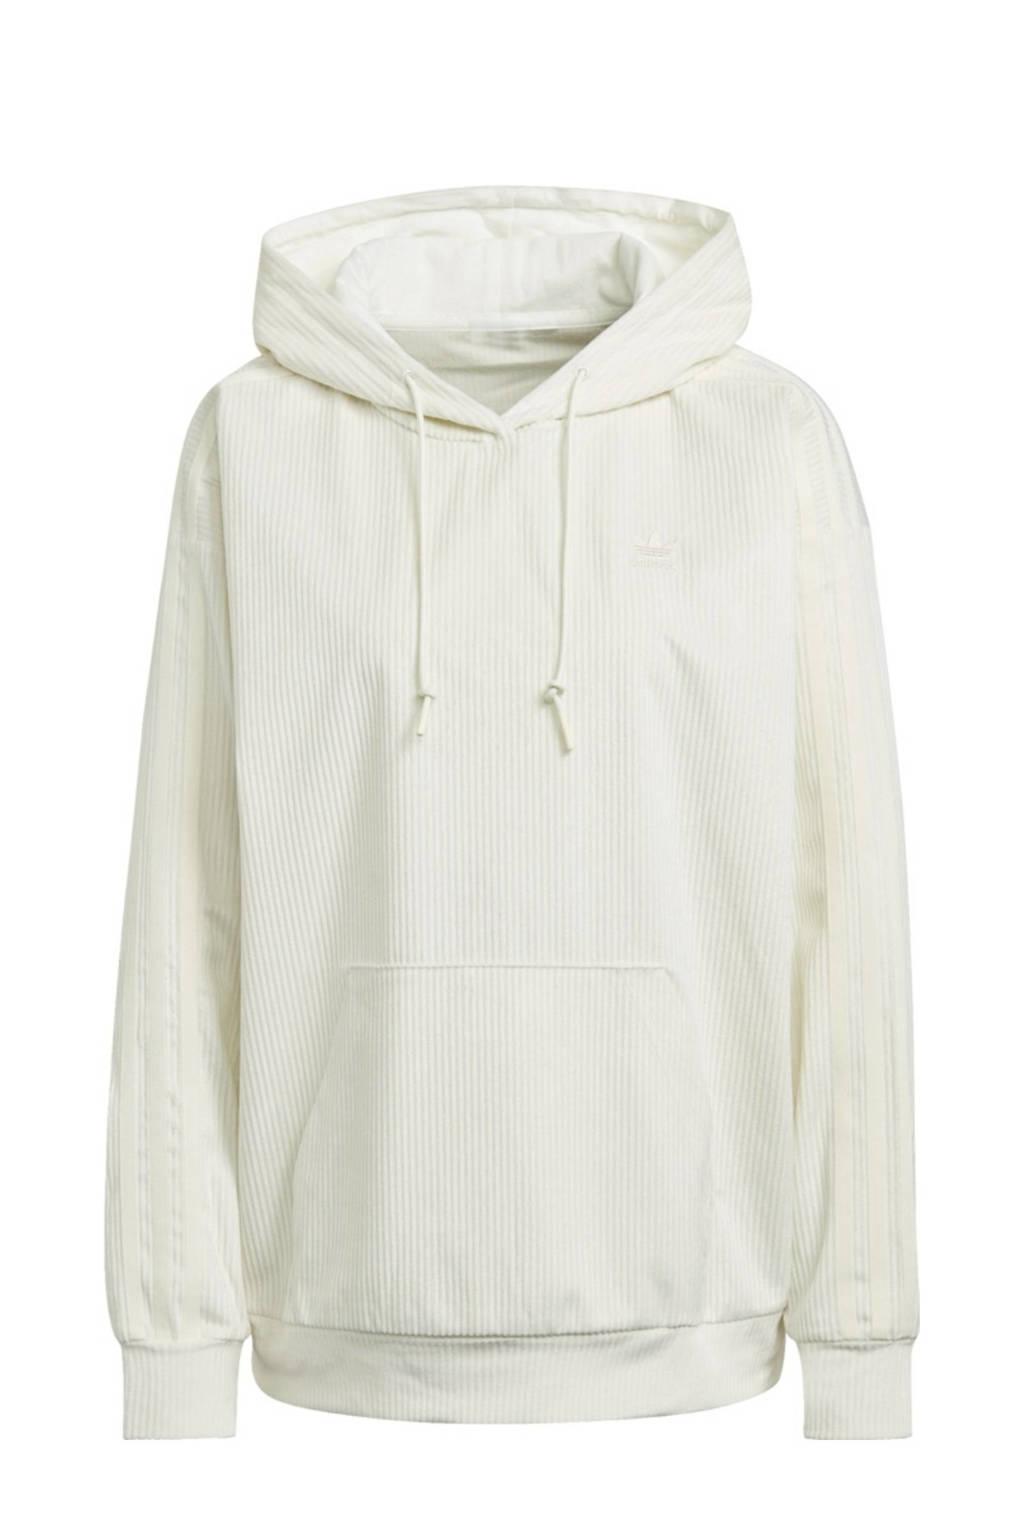 adidas Originals Corduroy hoodie crème, Crème